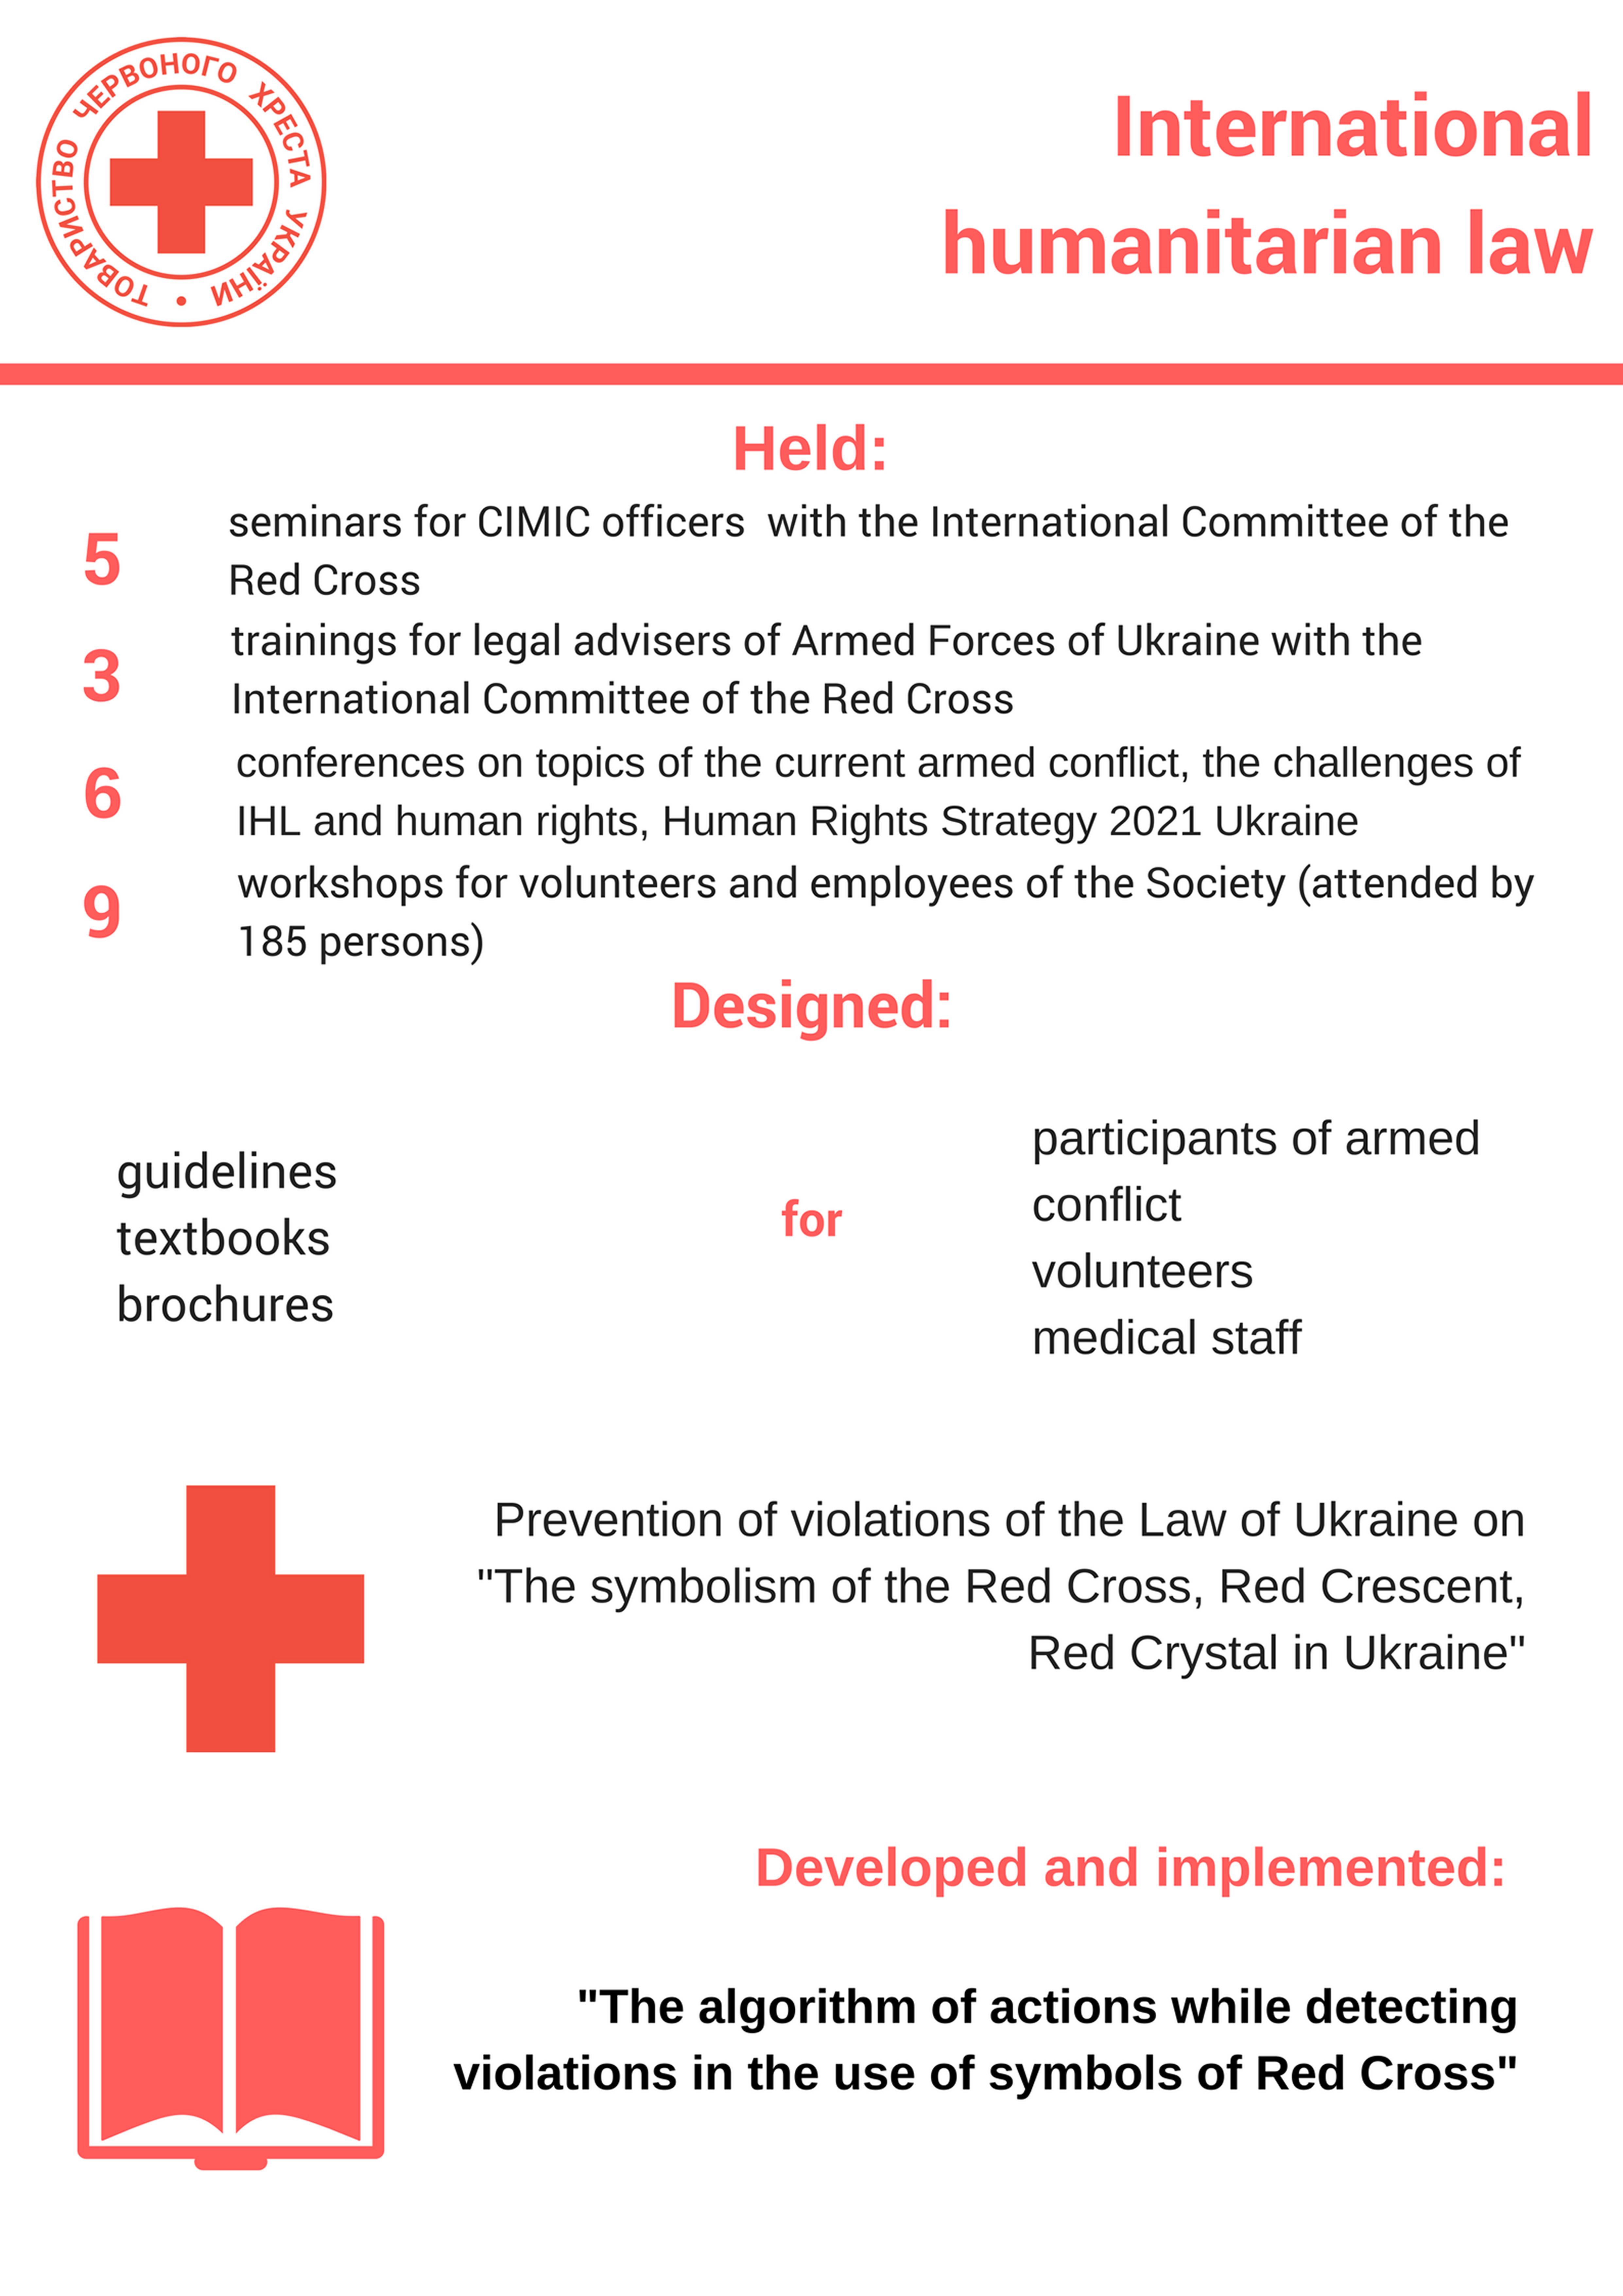 Міжнародне гуманітарне право (1)